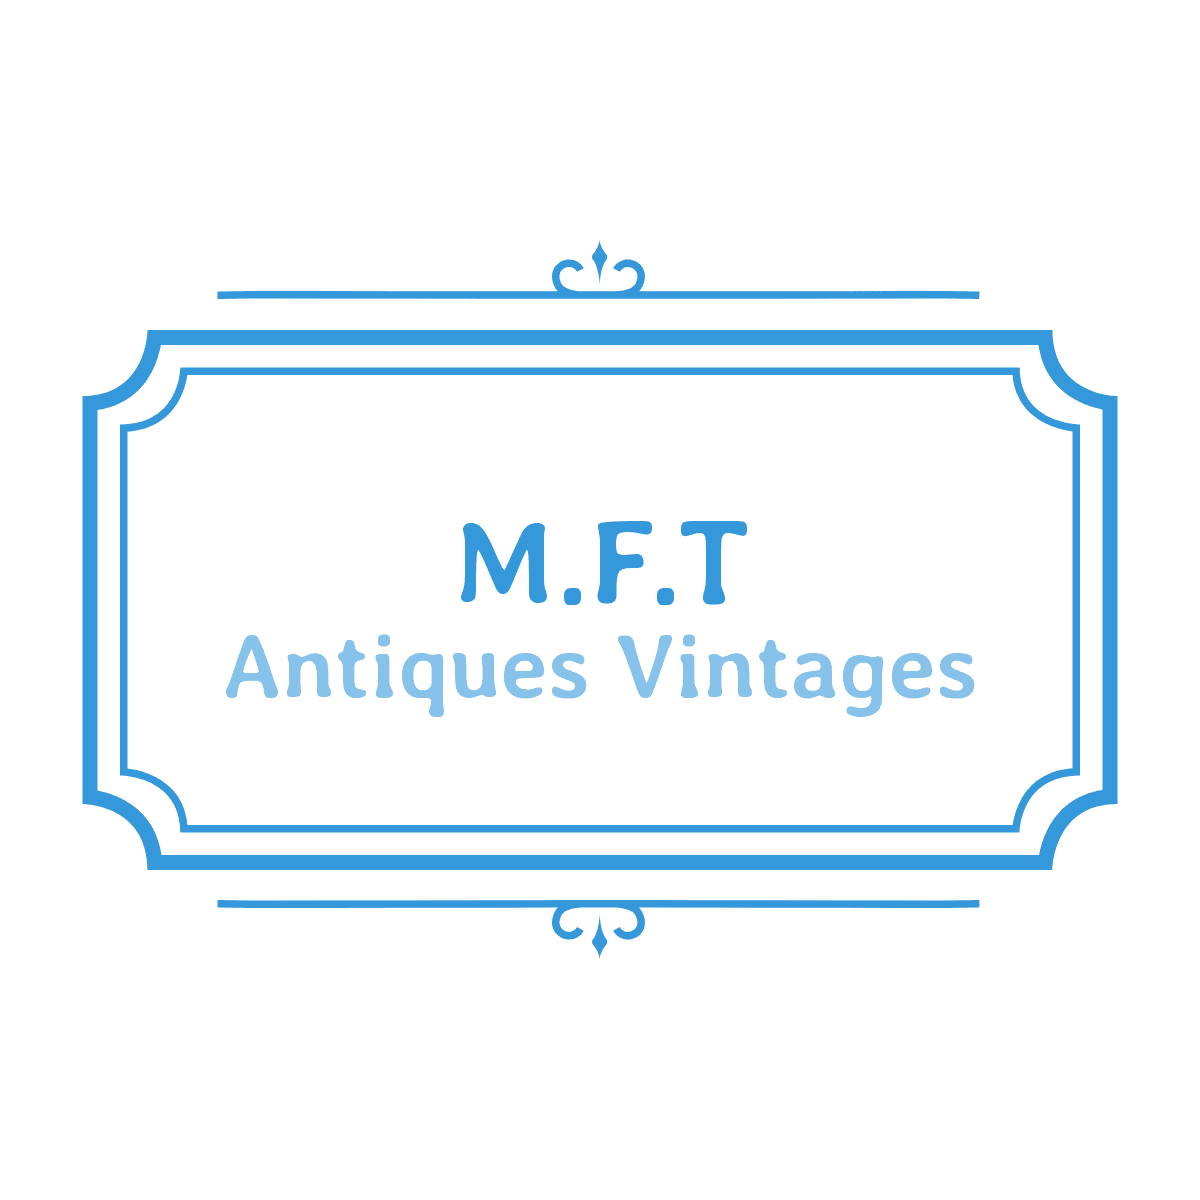 MFT antiques